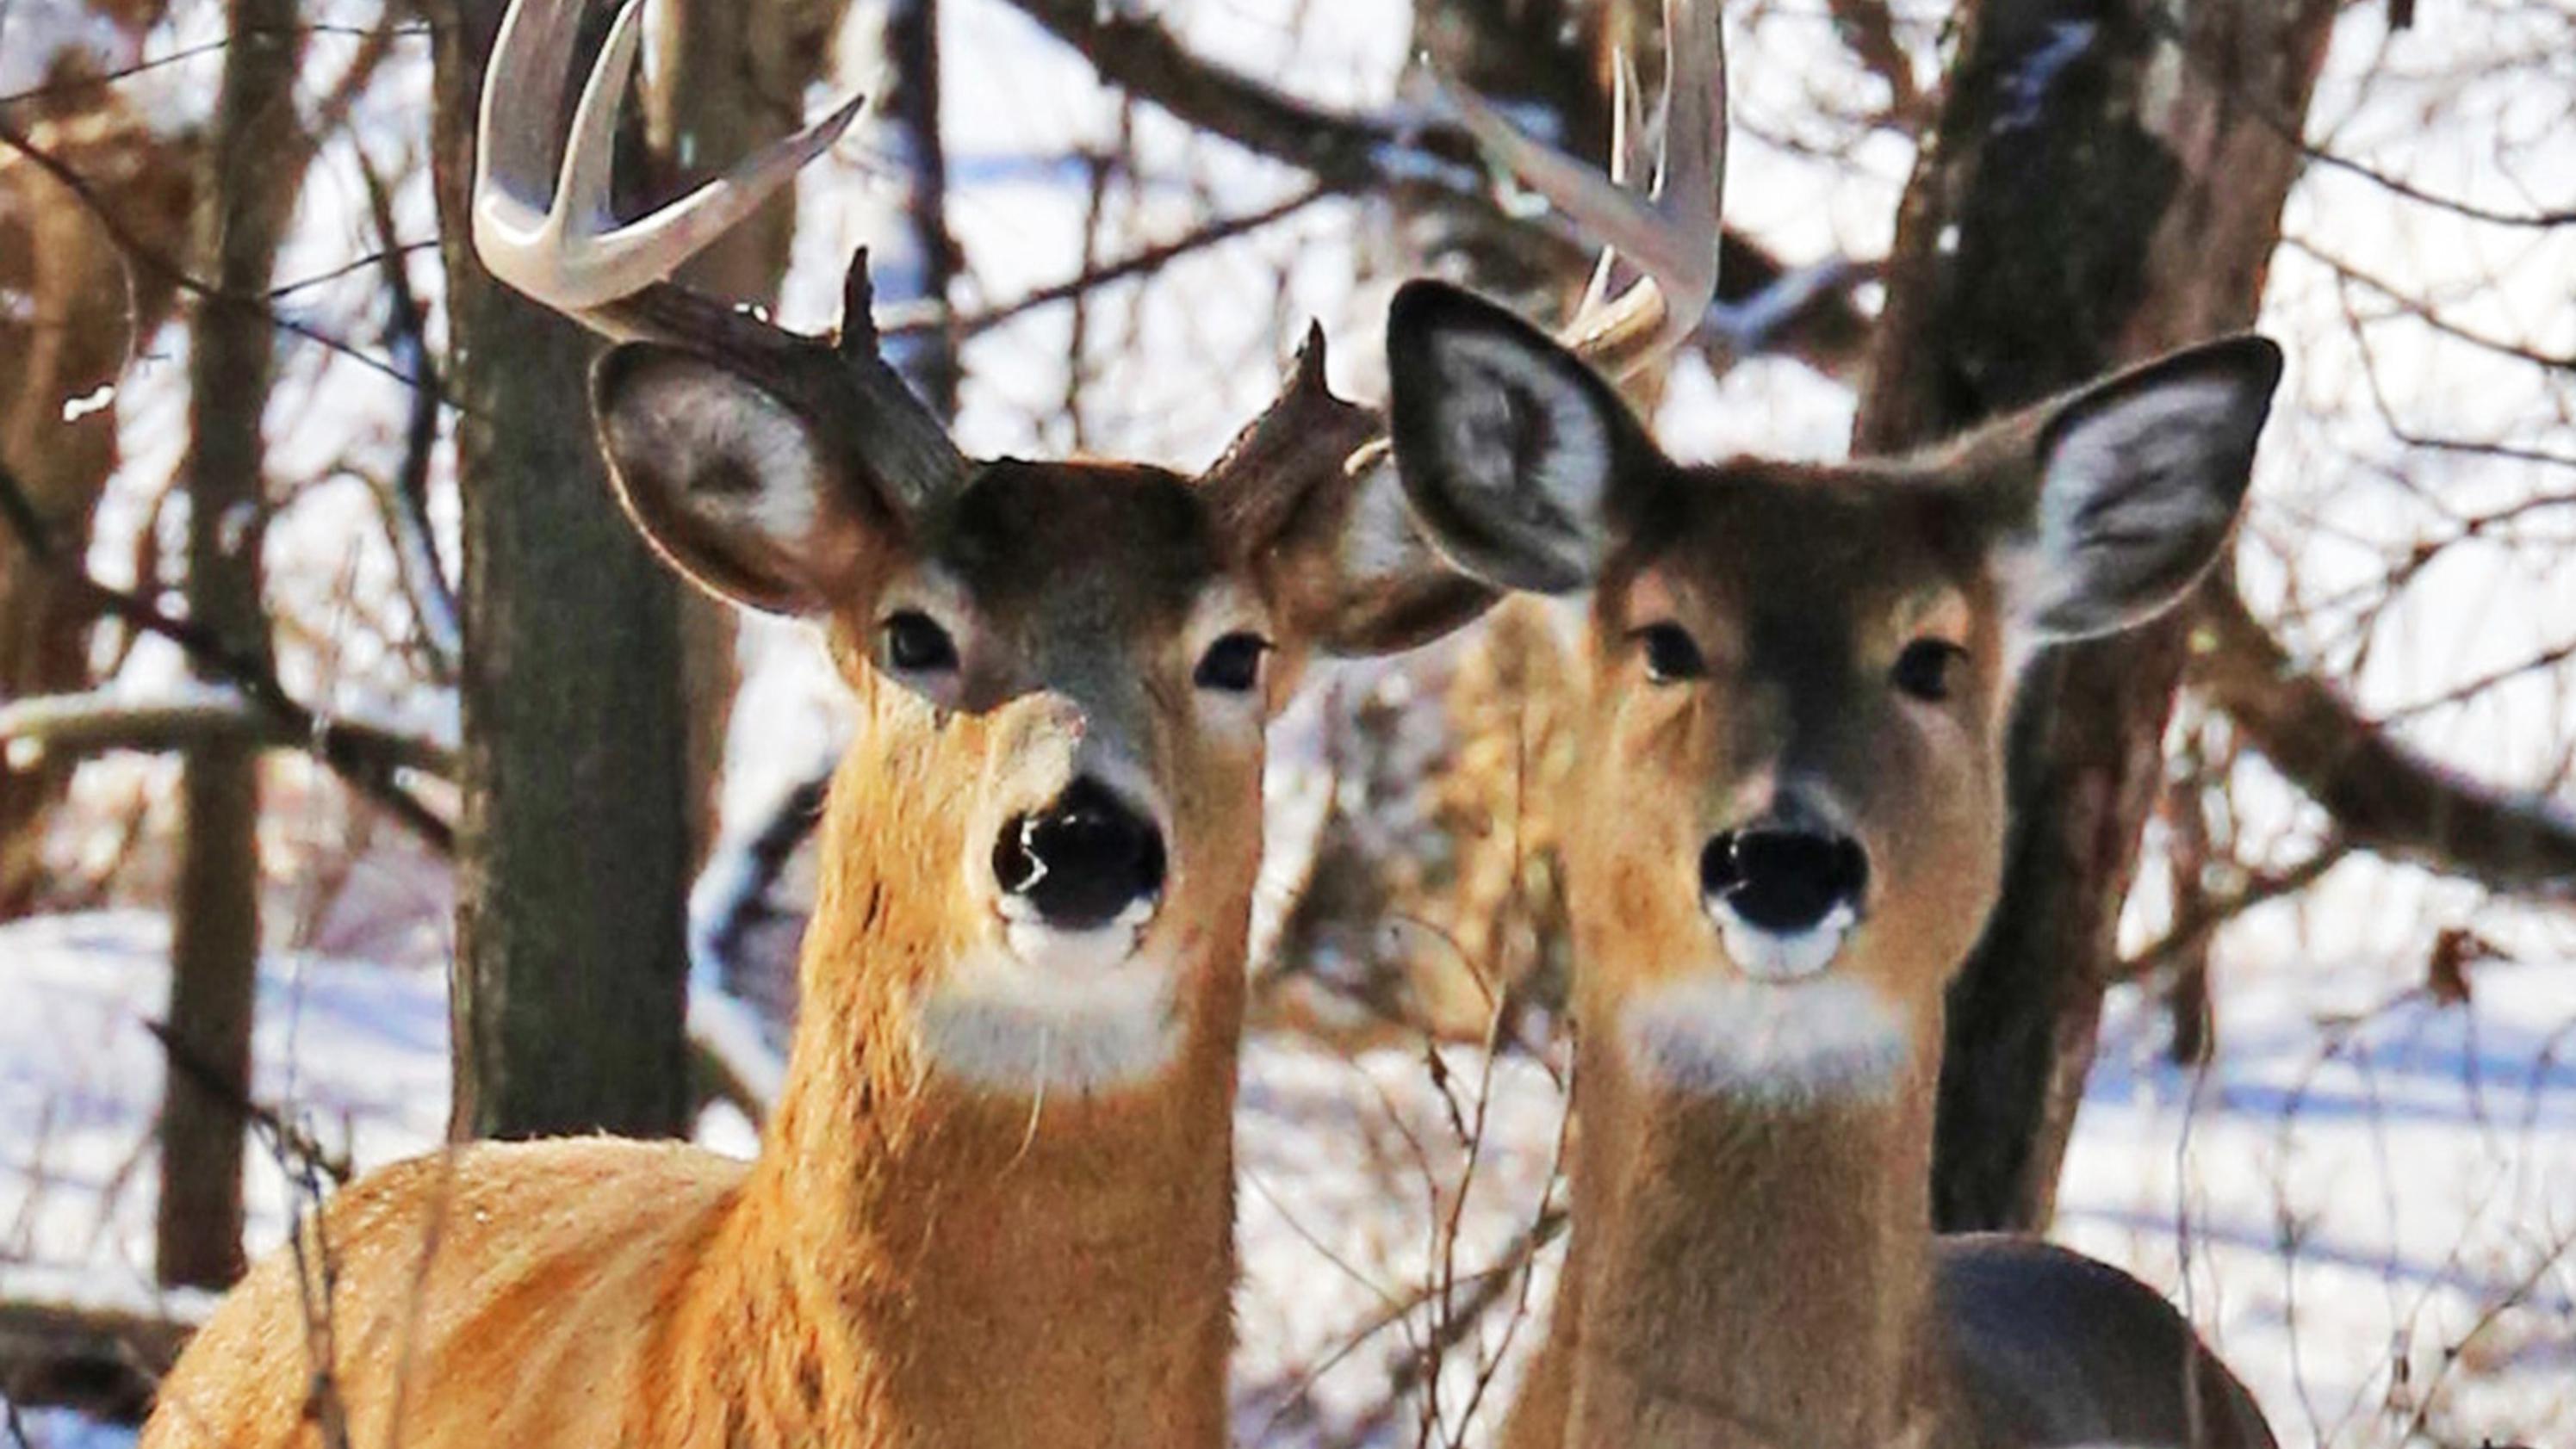 Zwei Hirsche, aufgenommen in einem Gebiet, in dem Tiere mit der ansteckenden Hirnkrankheit CWD gefunden wurden.